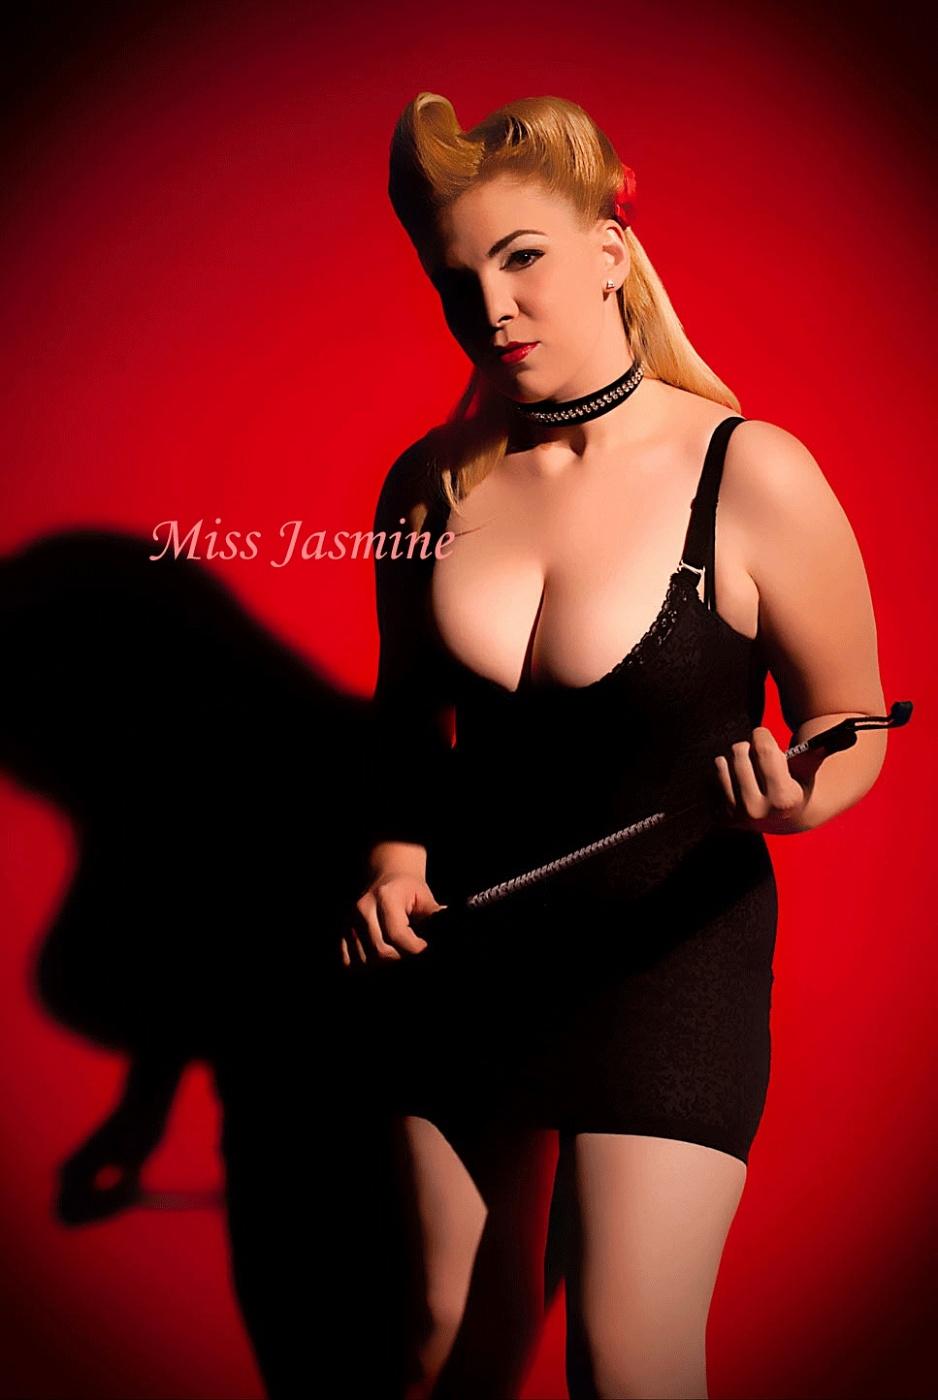 Goddess Jasmine